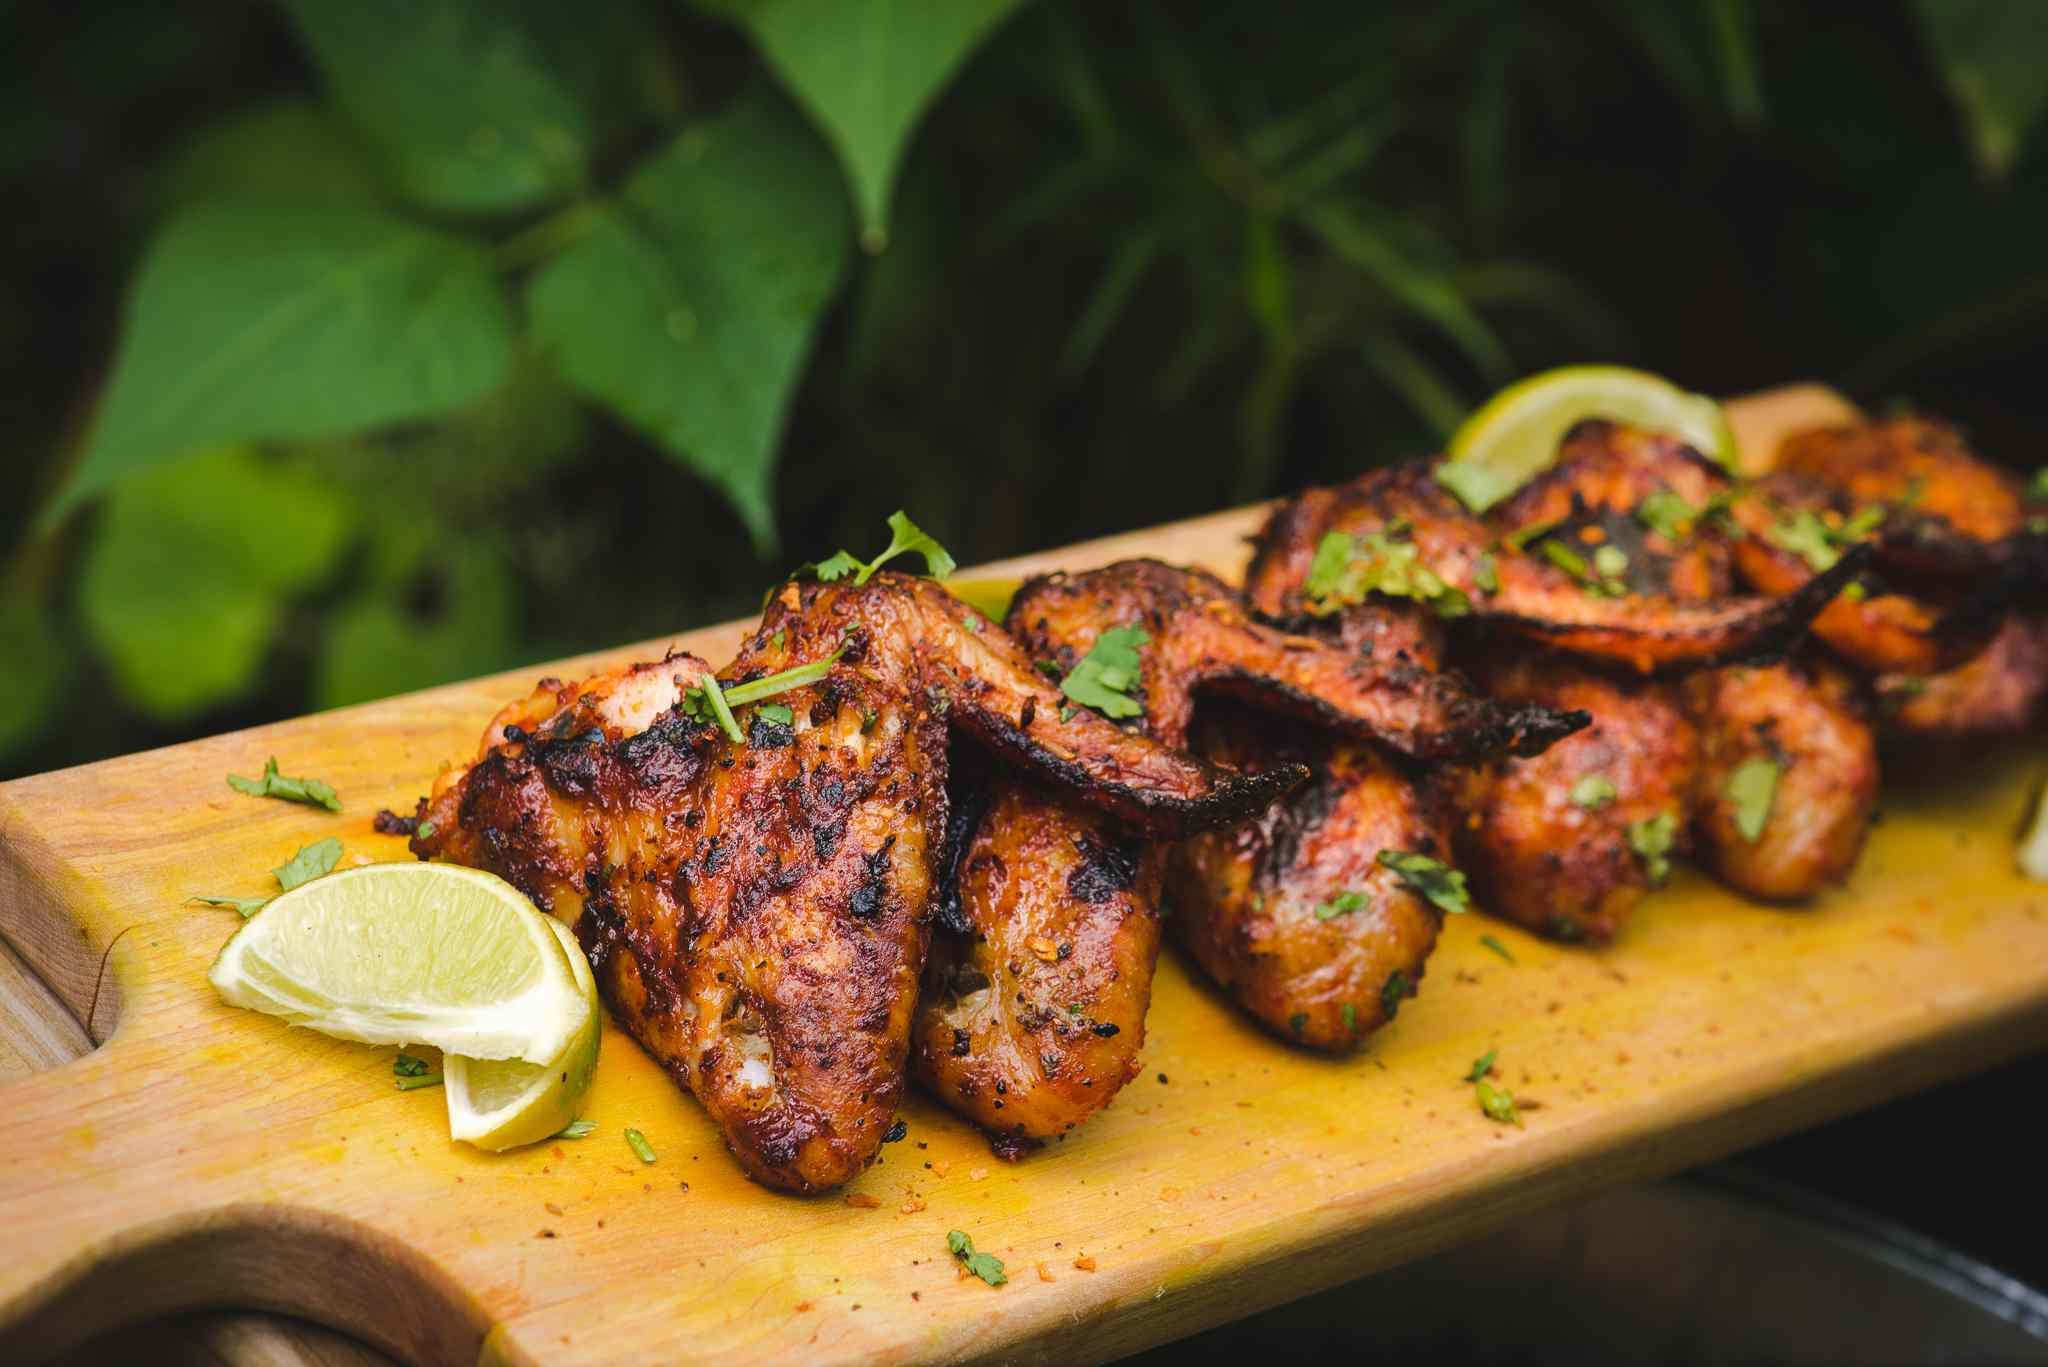 Chicken wings on a cutting board from La Korrigane